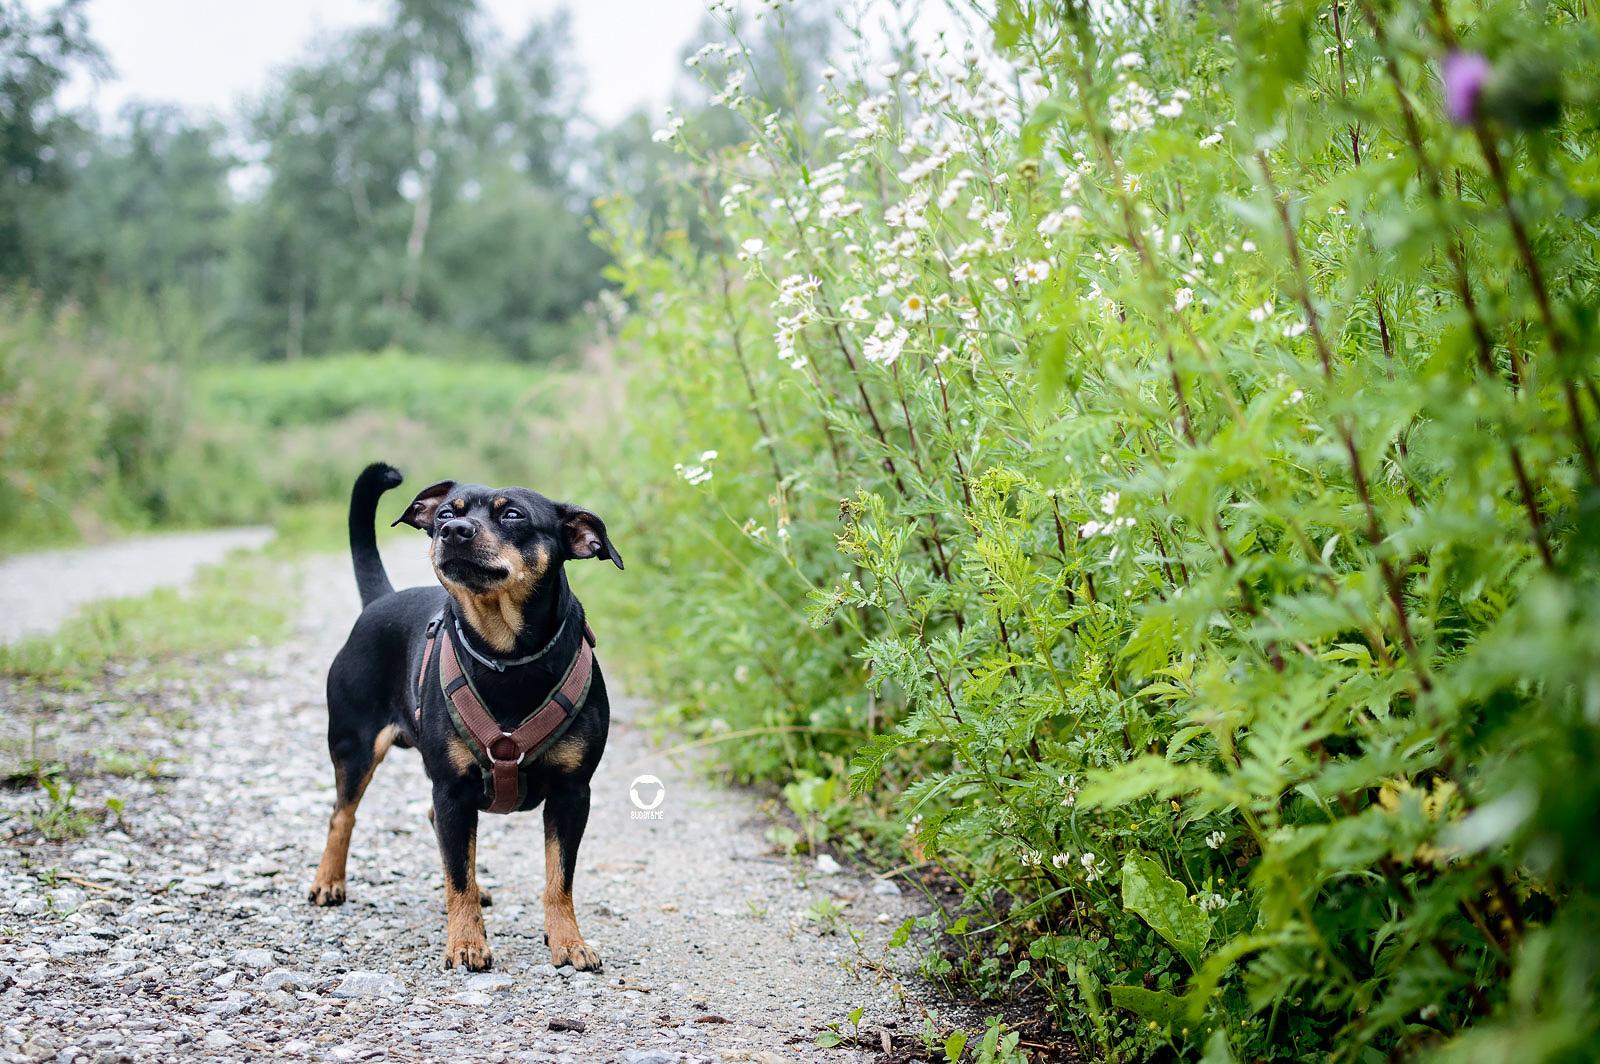 Pinscher Buddy hält die Nase in den Wind - Buddy steht auf einem Schotterweg neben dschungelartig wachsendem Grün